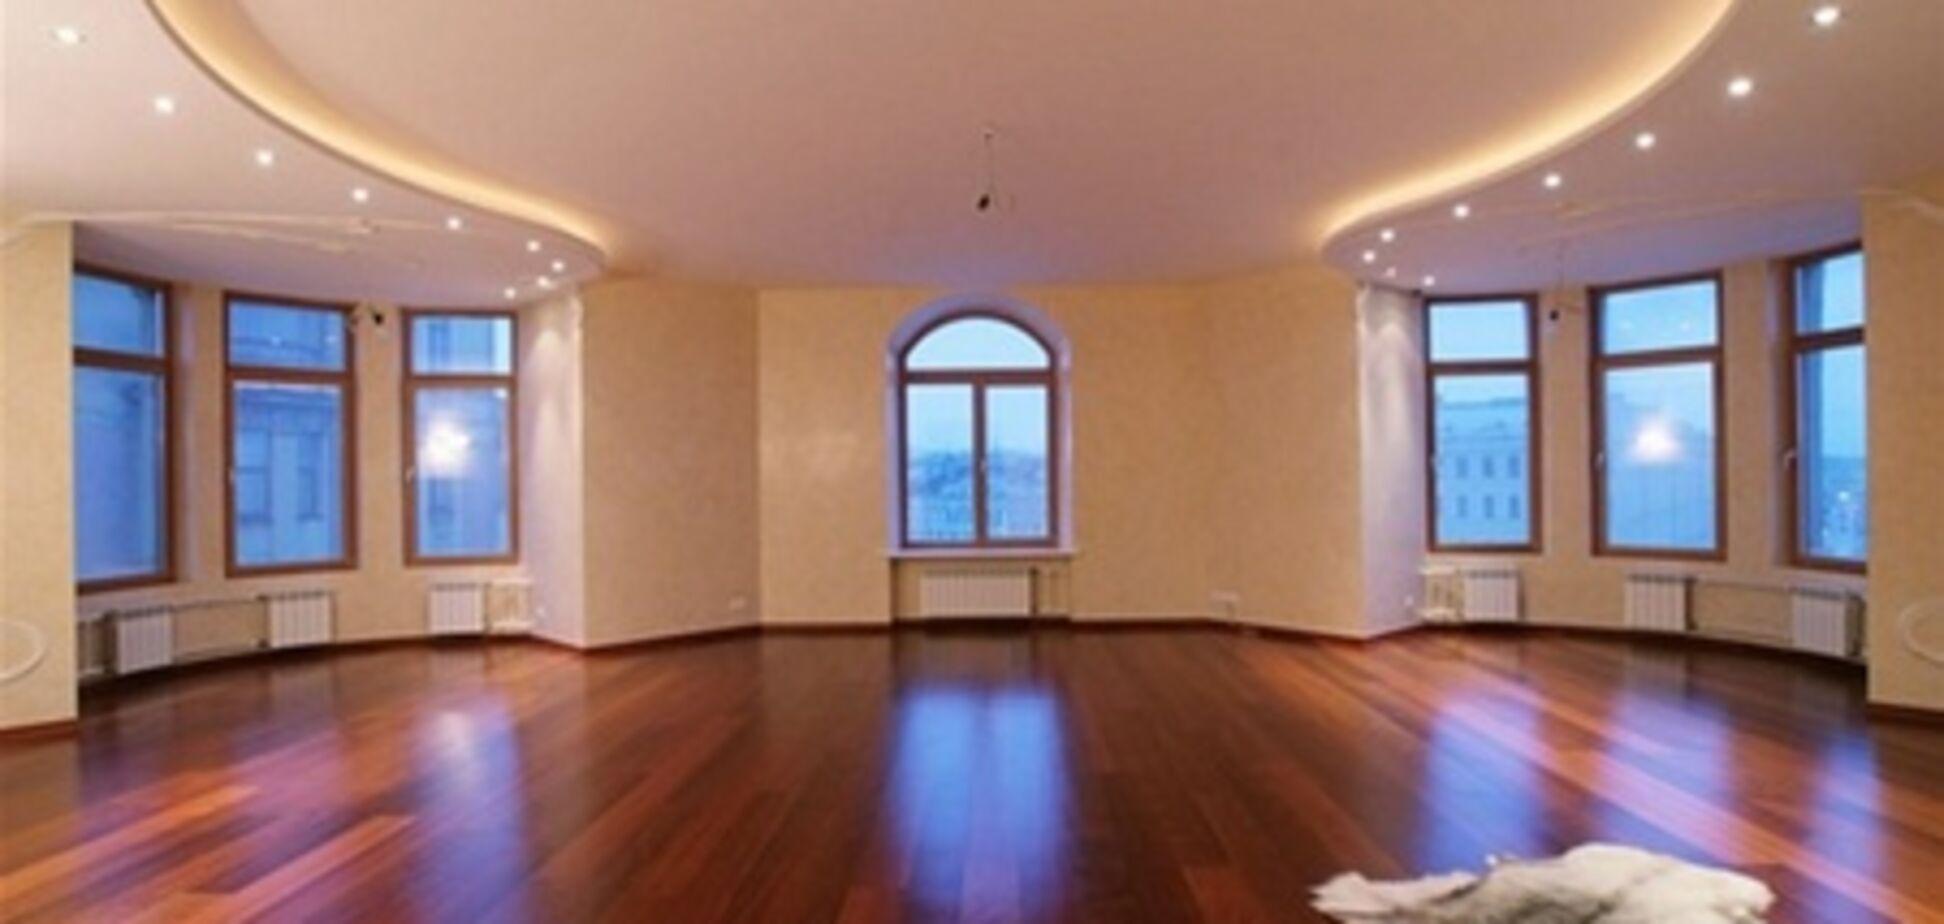 Рейтинг самых дорогих квартир Киева по итогам 2011 года